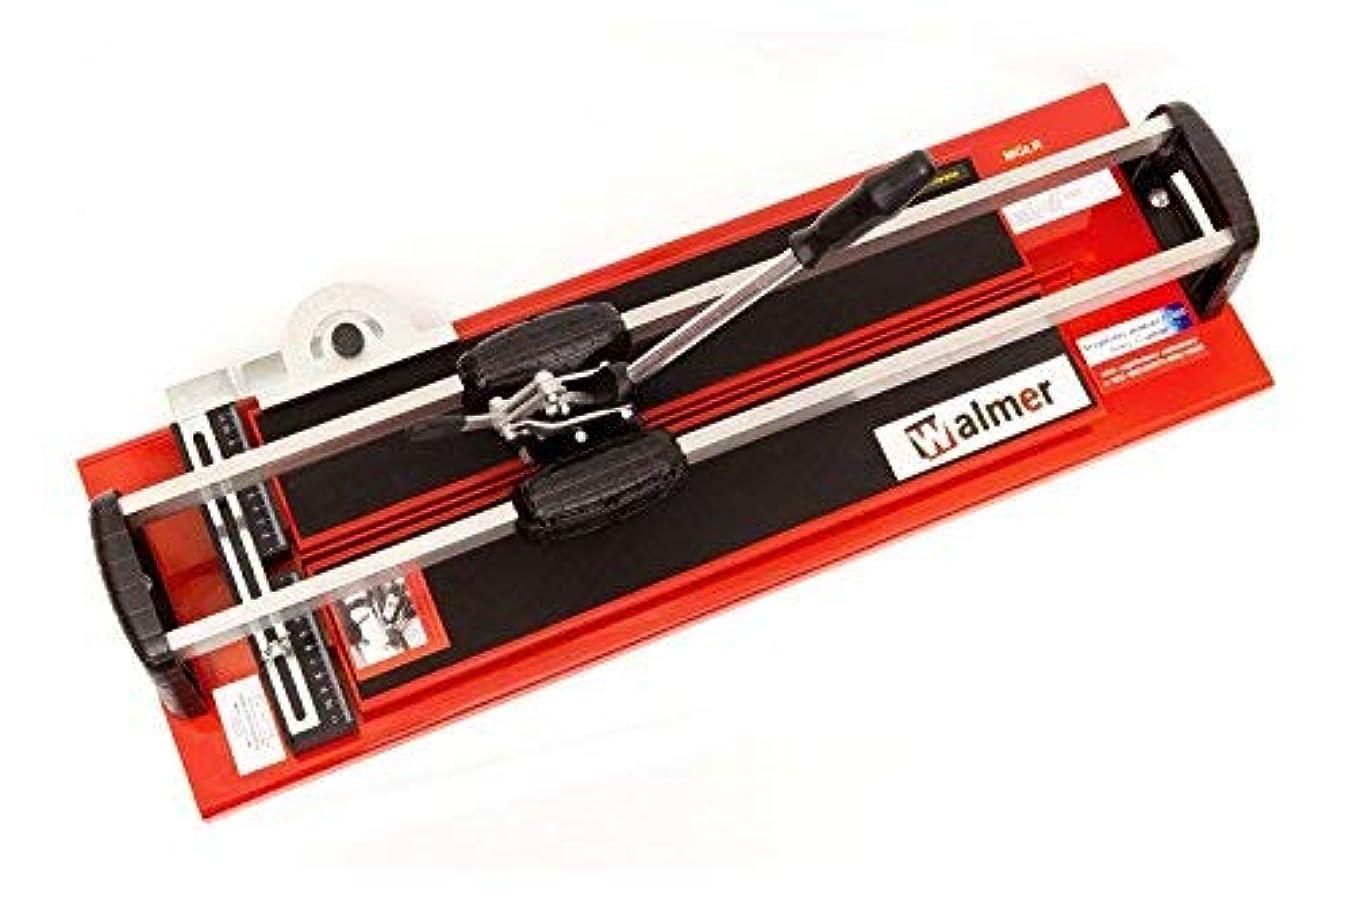 枕汚い離れてProfessional Tile Cutter 600 mm Manual Tile Cutter Tile Cutter Cutting Length Manual Tile Cutter Guide Rail